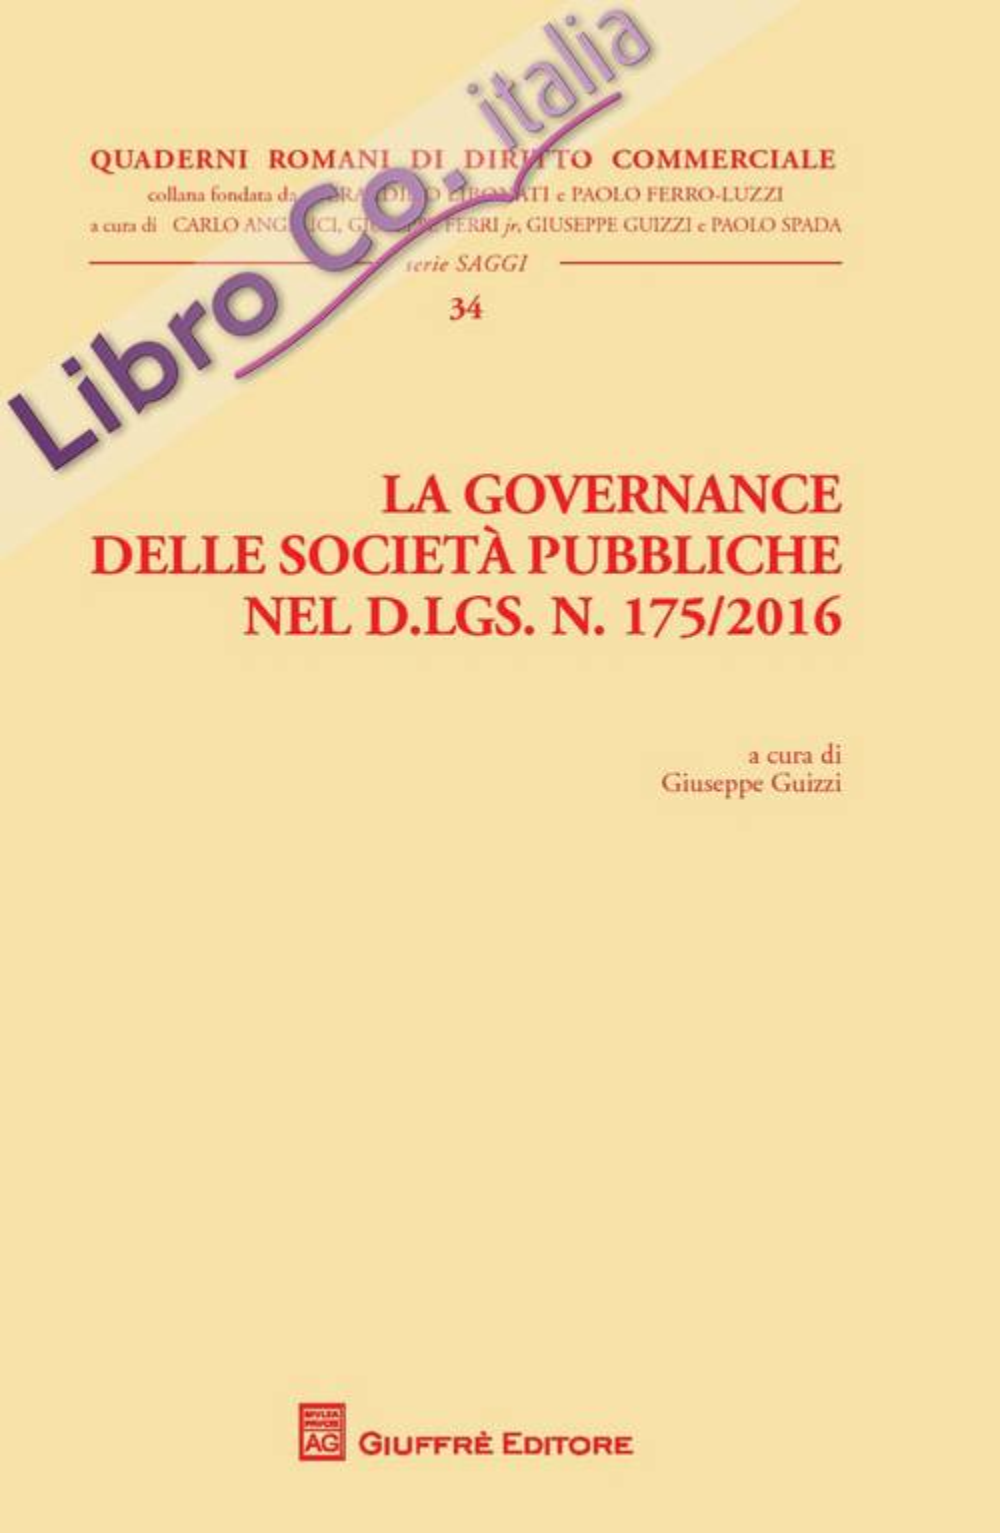 La governance delle società pubbliche nel D. Lgs. n. 175/2016